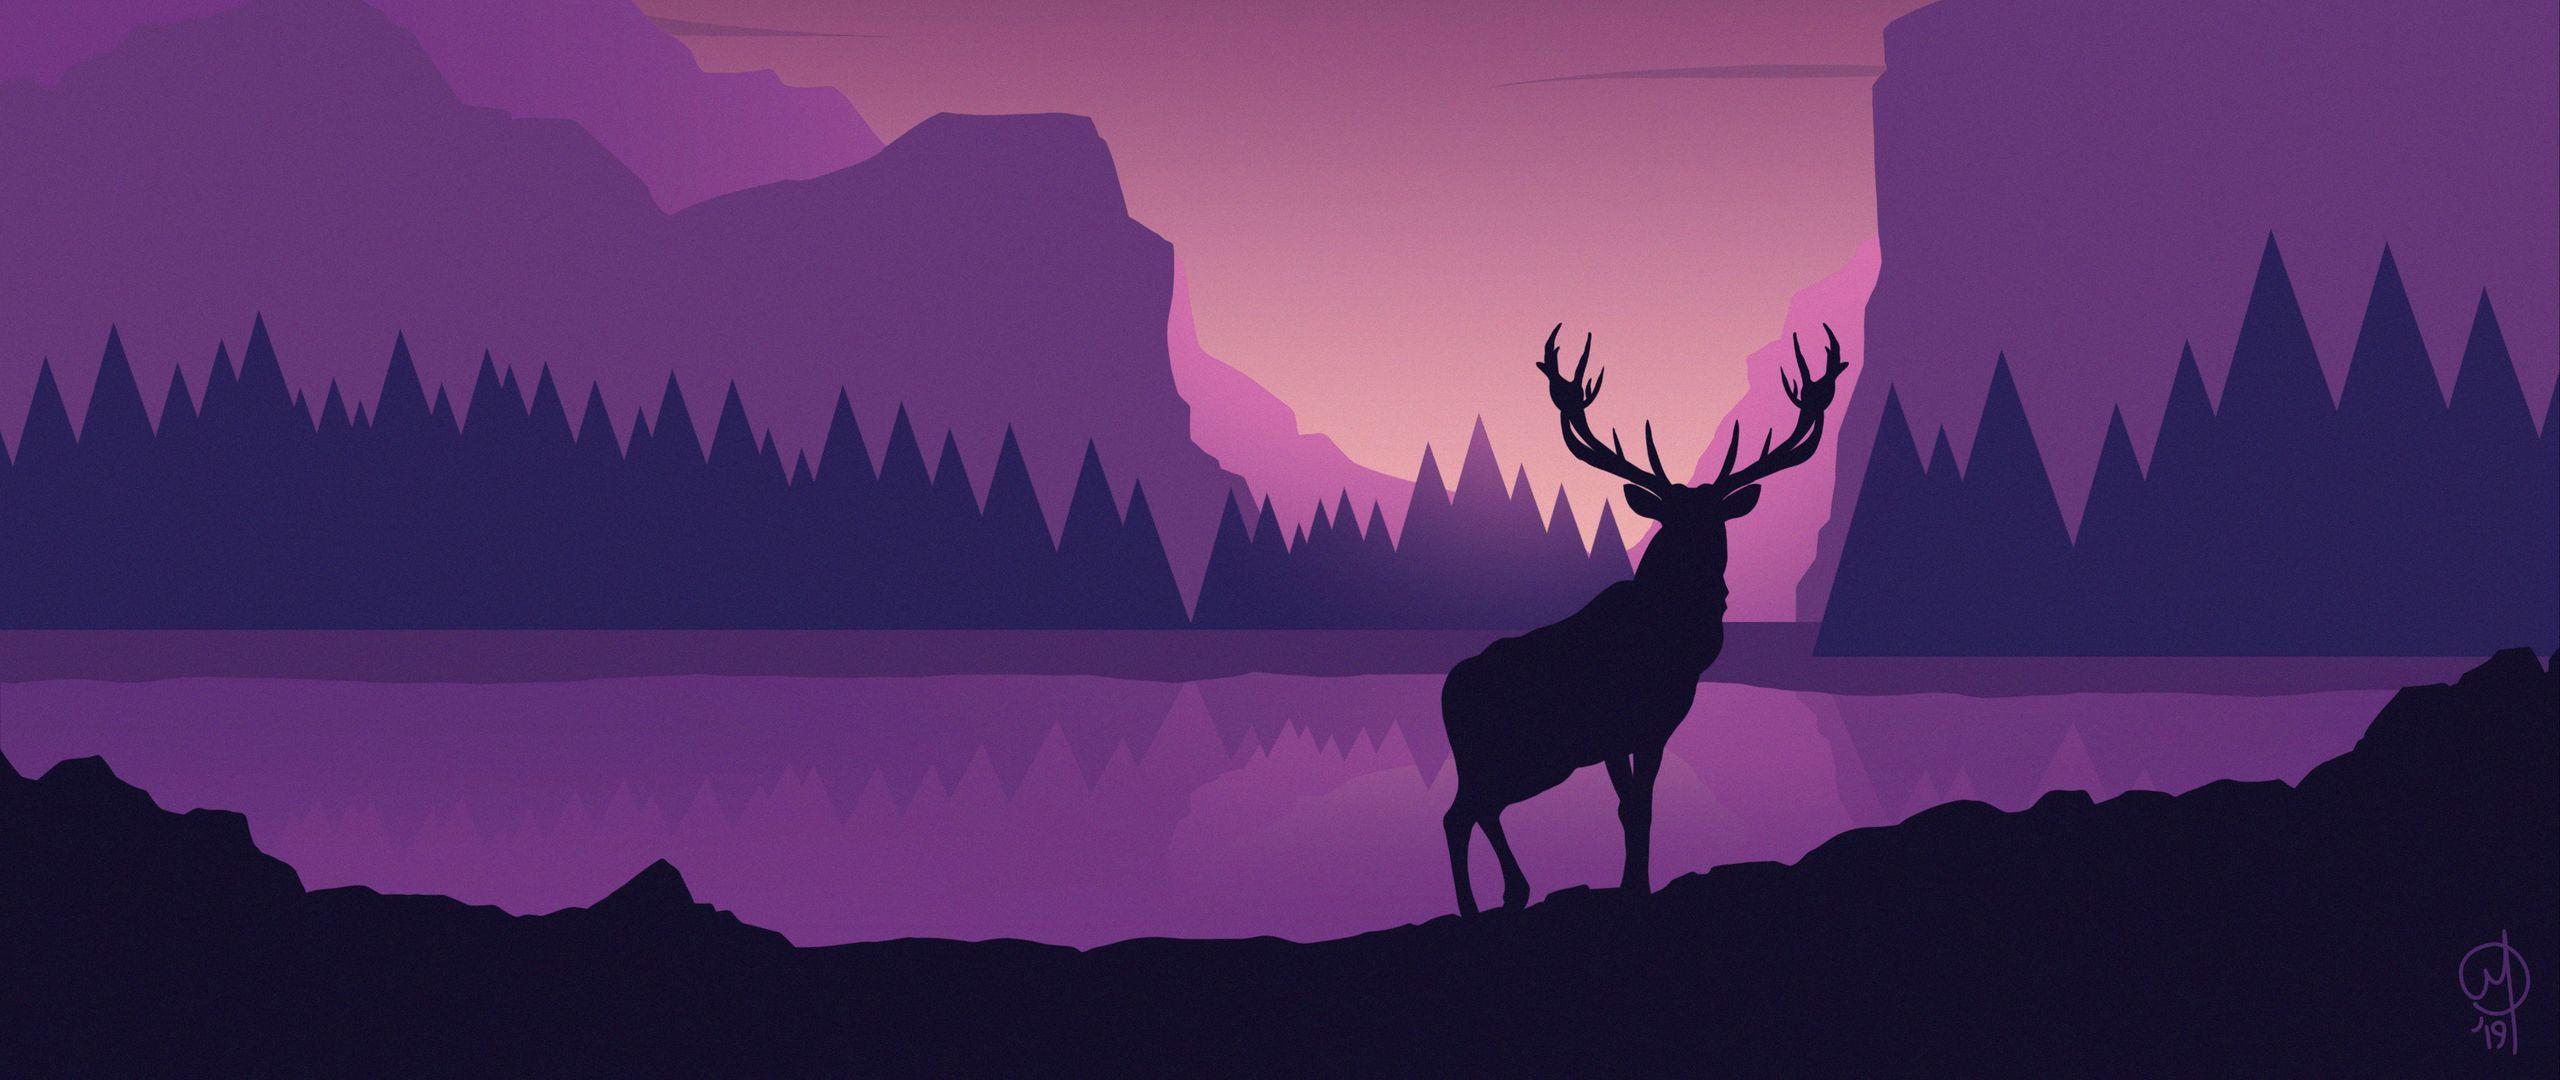 2560x1080 Обои олень, арт, вектор, горы, пейзаж